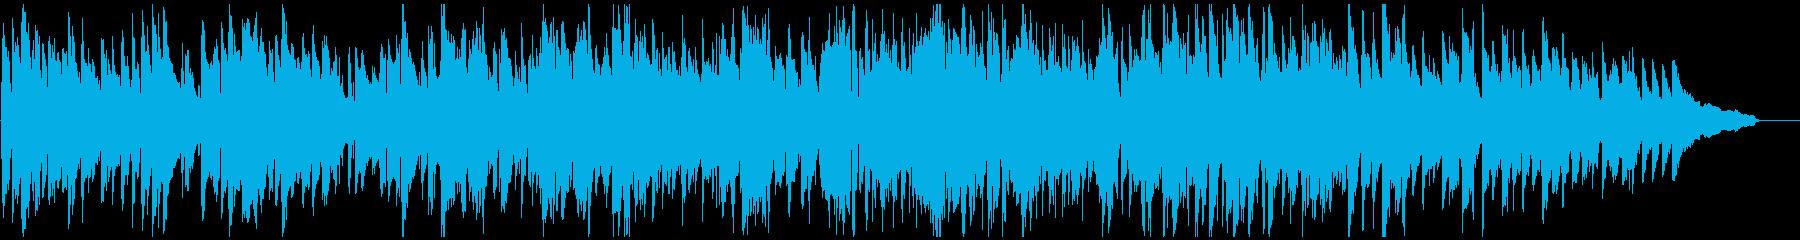 お洒落なジャズ・ワルツ、優雅で優しい音色の再生済みの波形